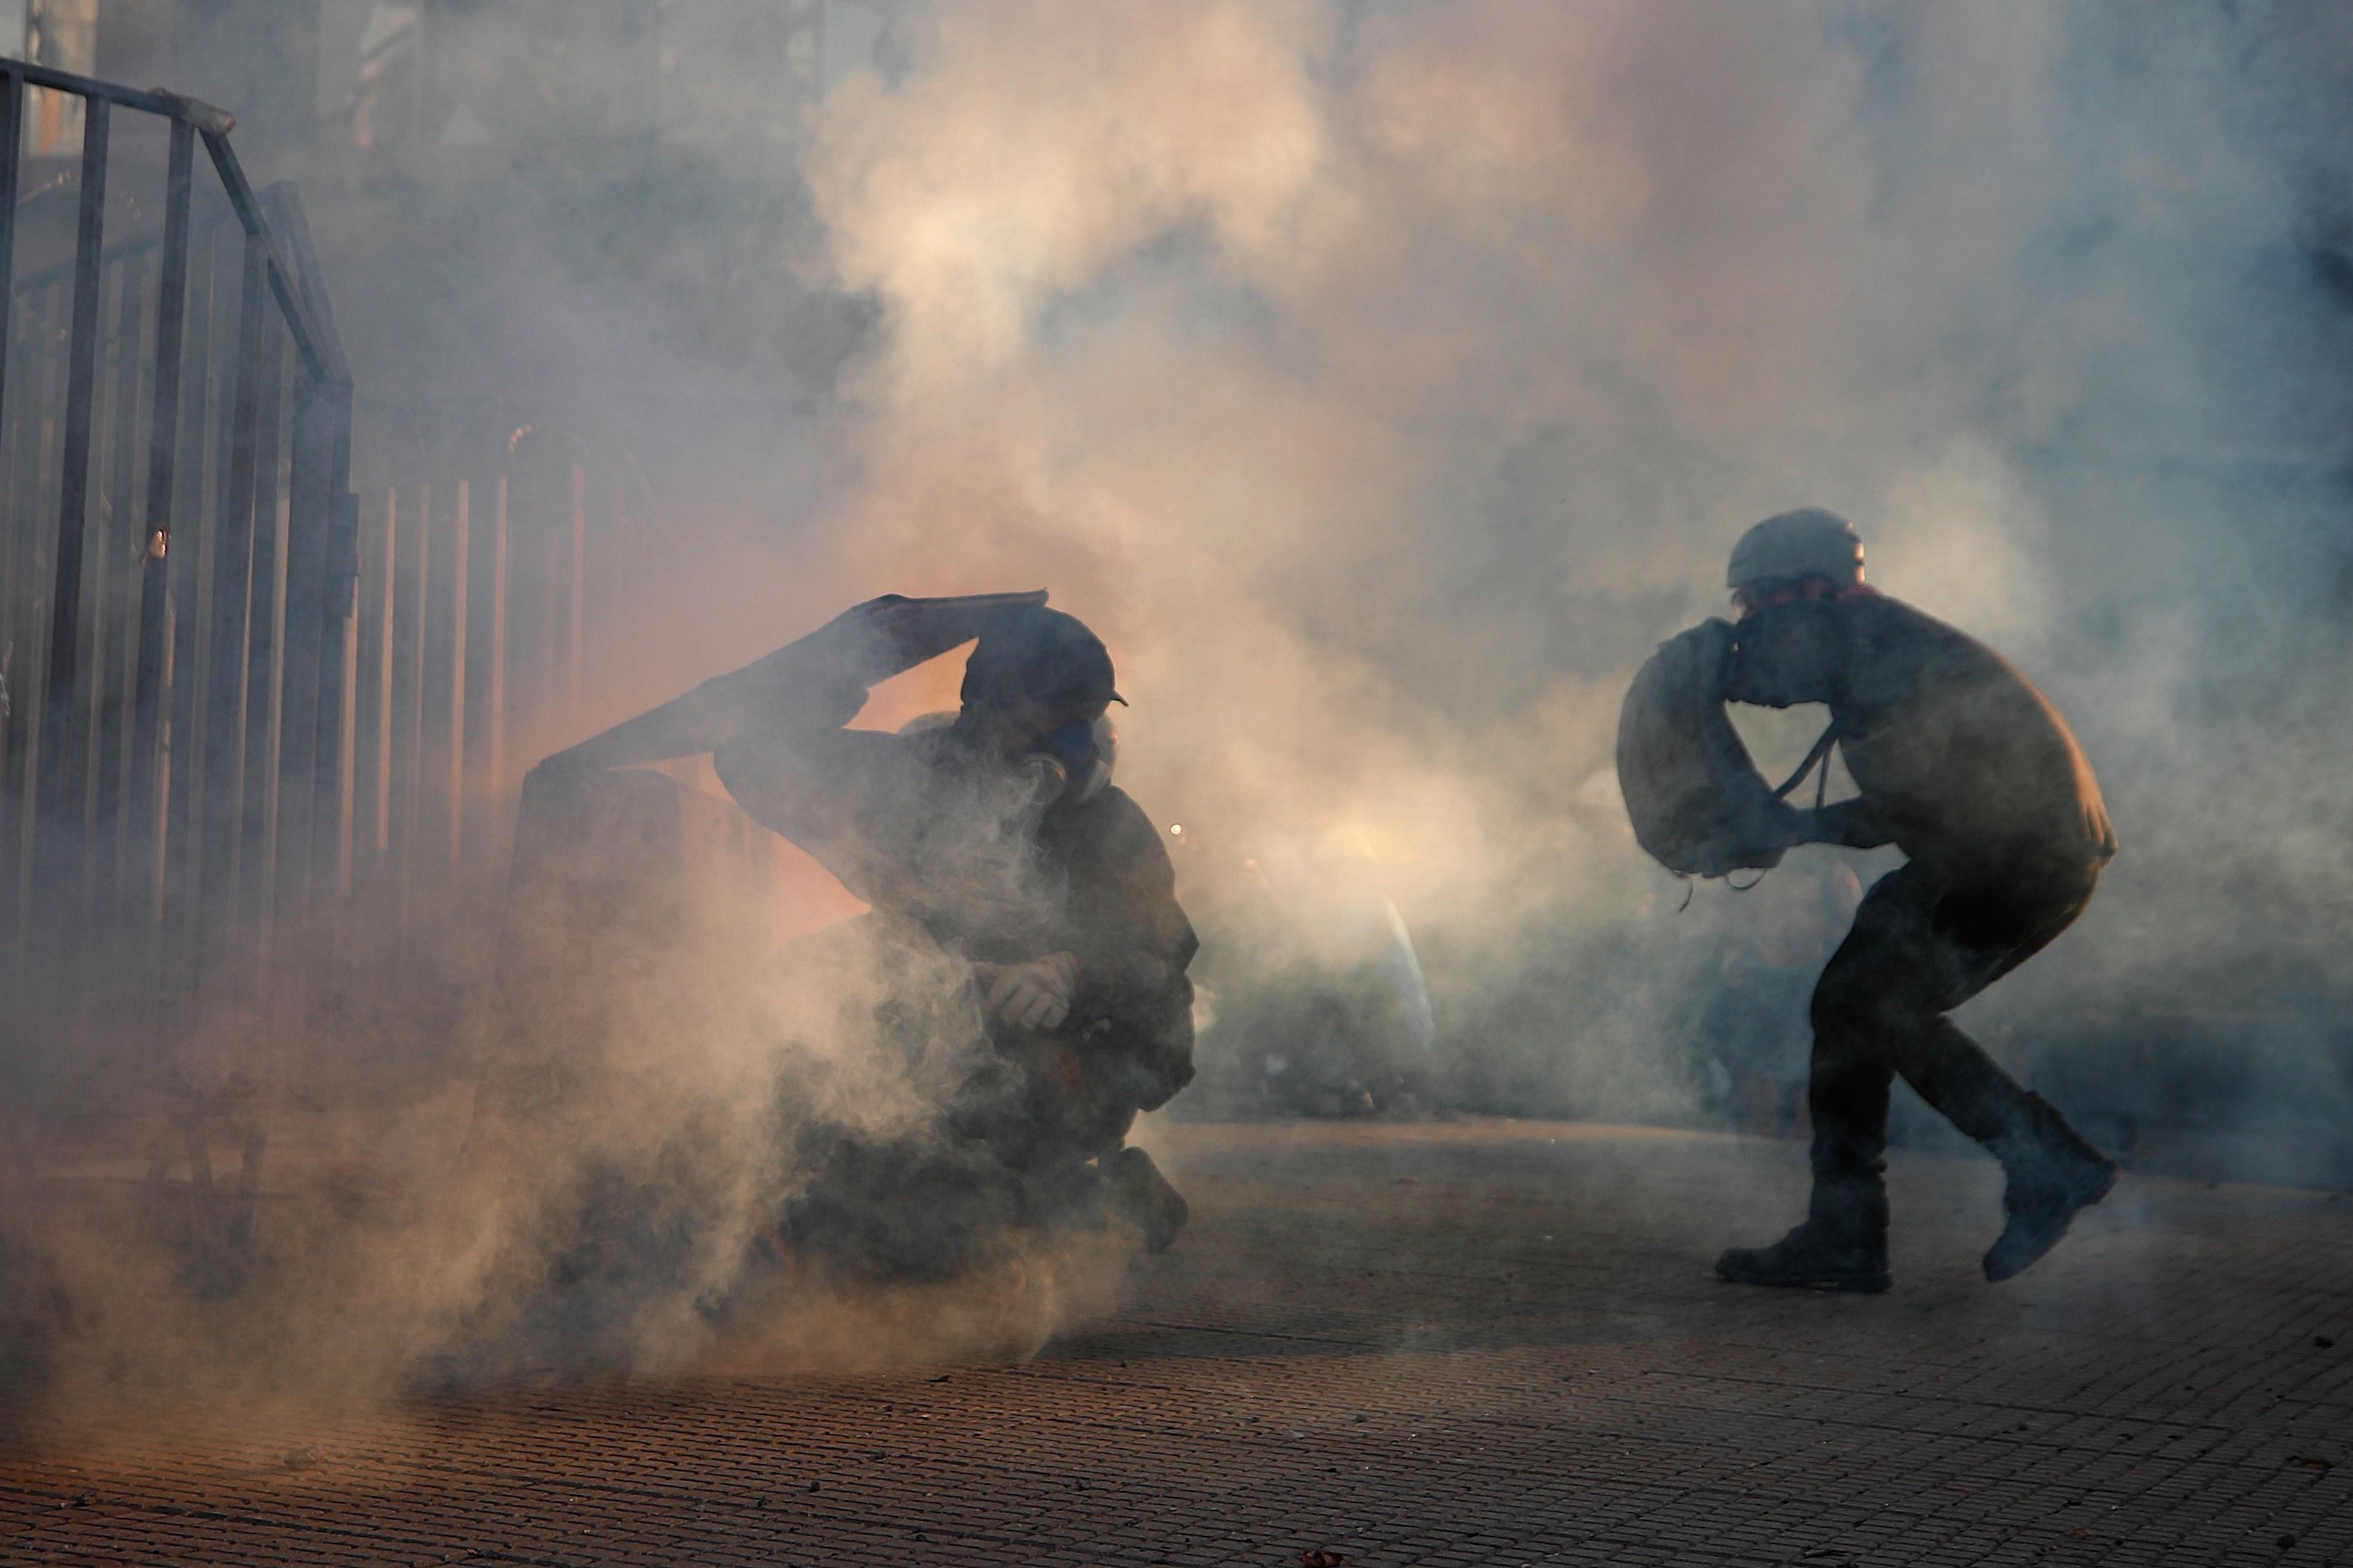 """""""Múltiplas violações dos direitos humanos"""". ONU denuncia atuação da polícia nas manifestações no Chile"""